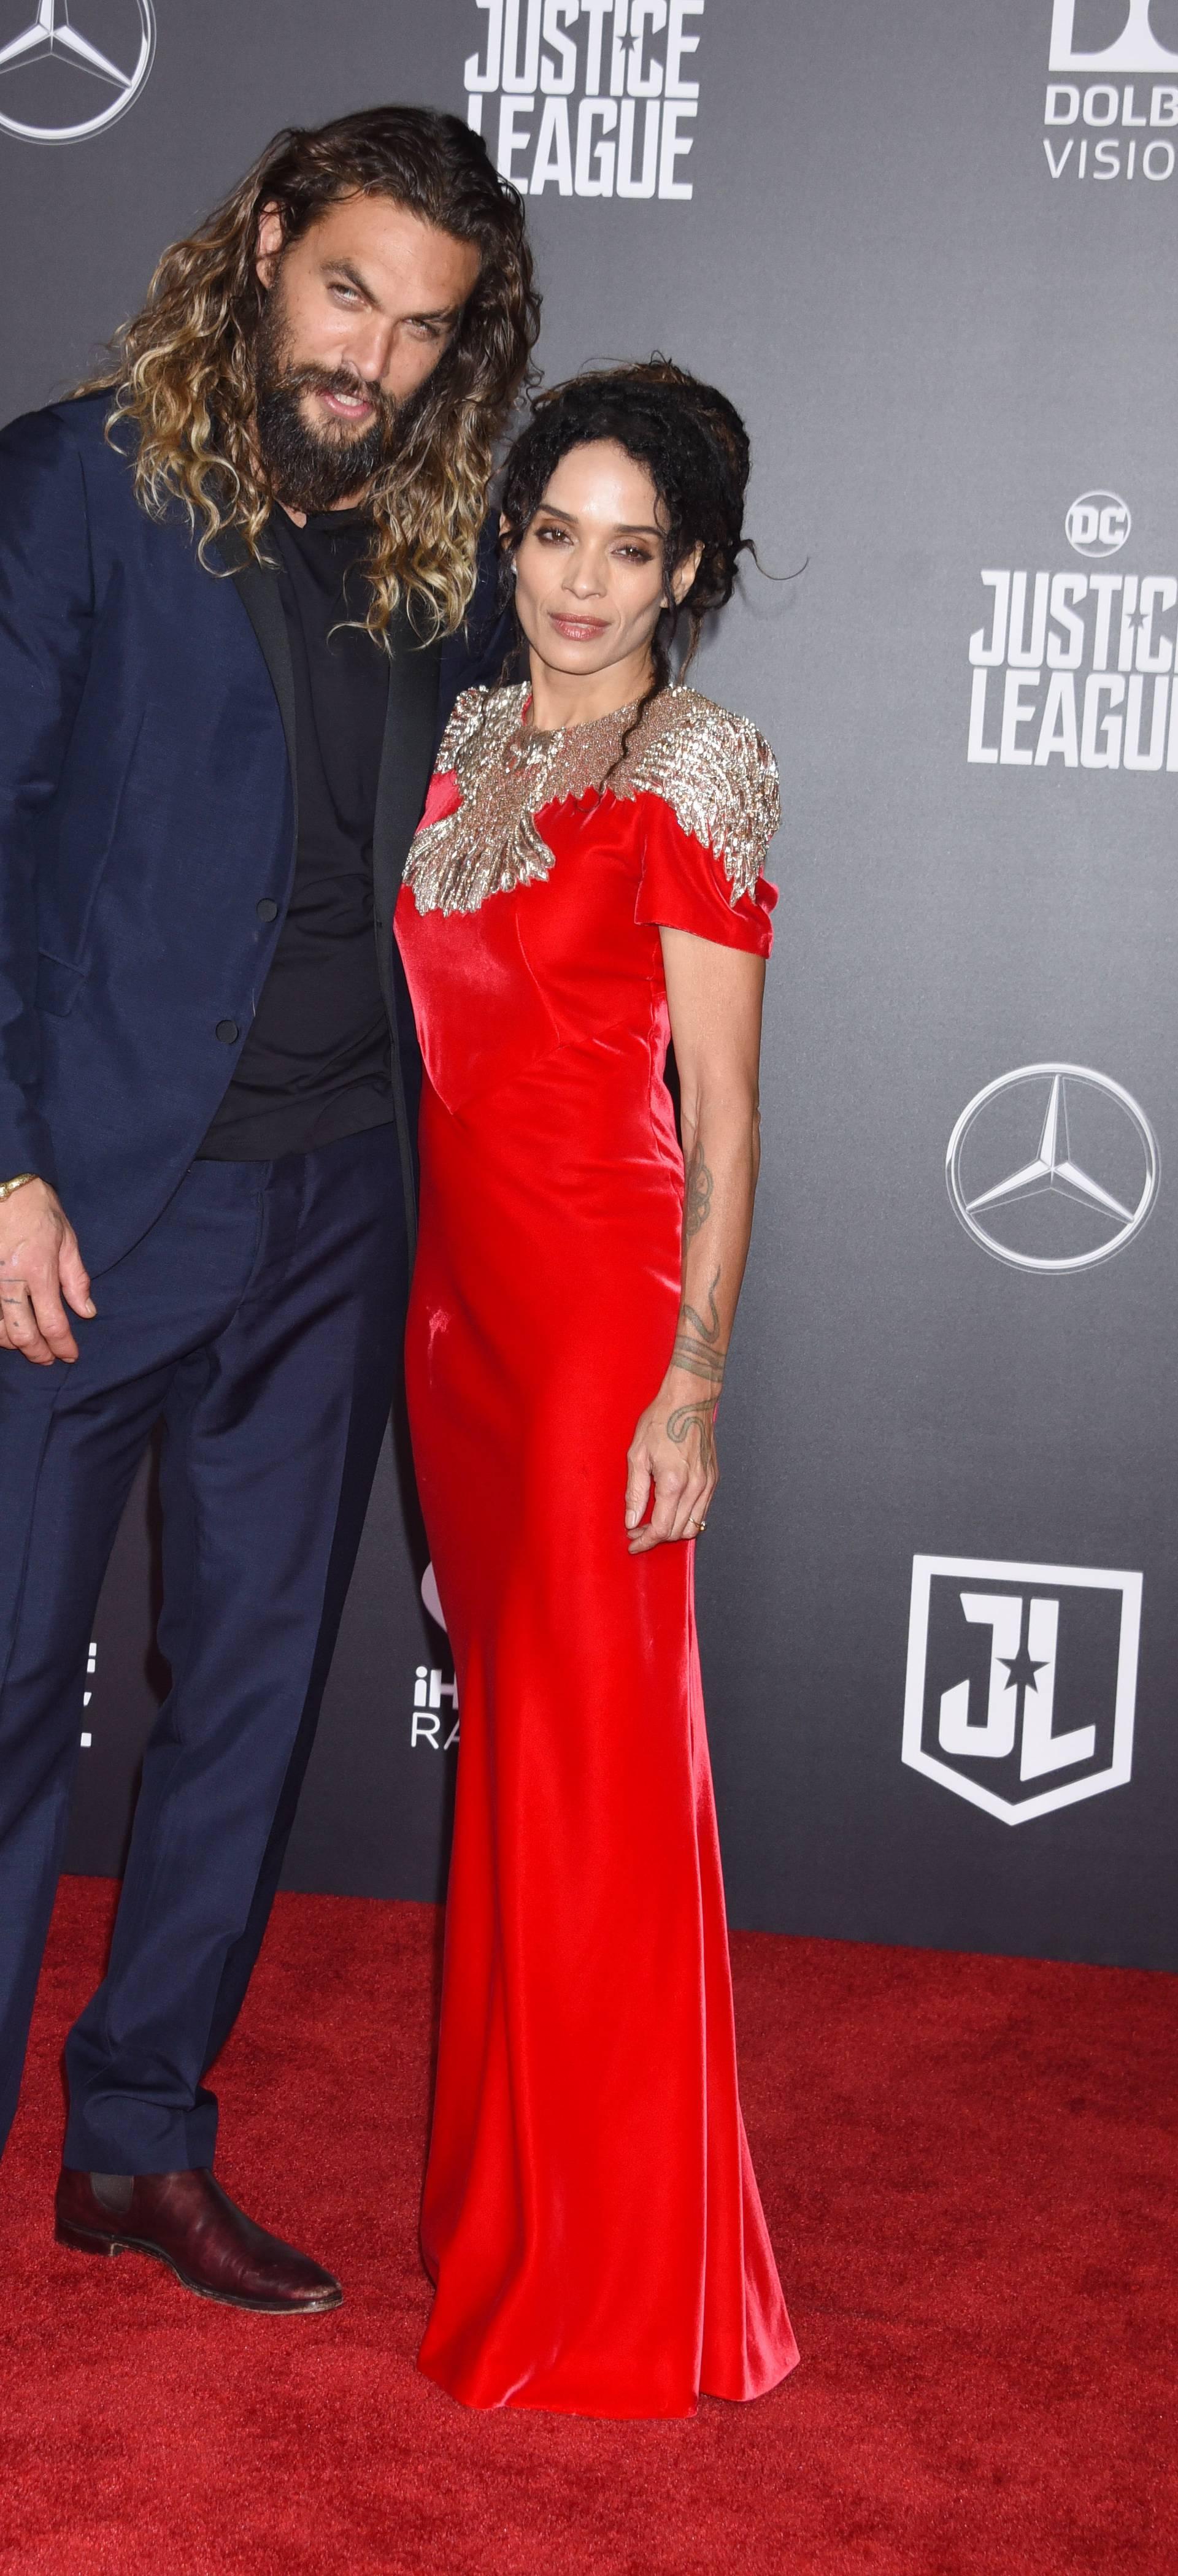 Justice League World Premiere - Los Angeles